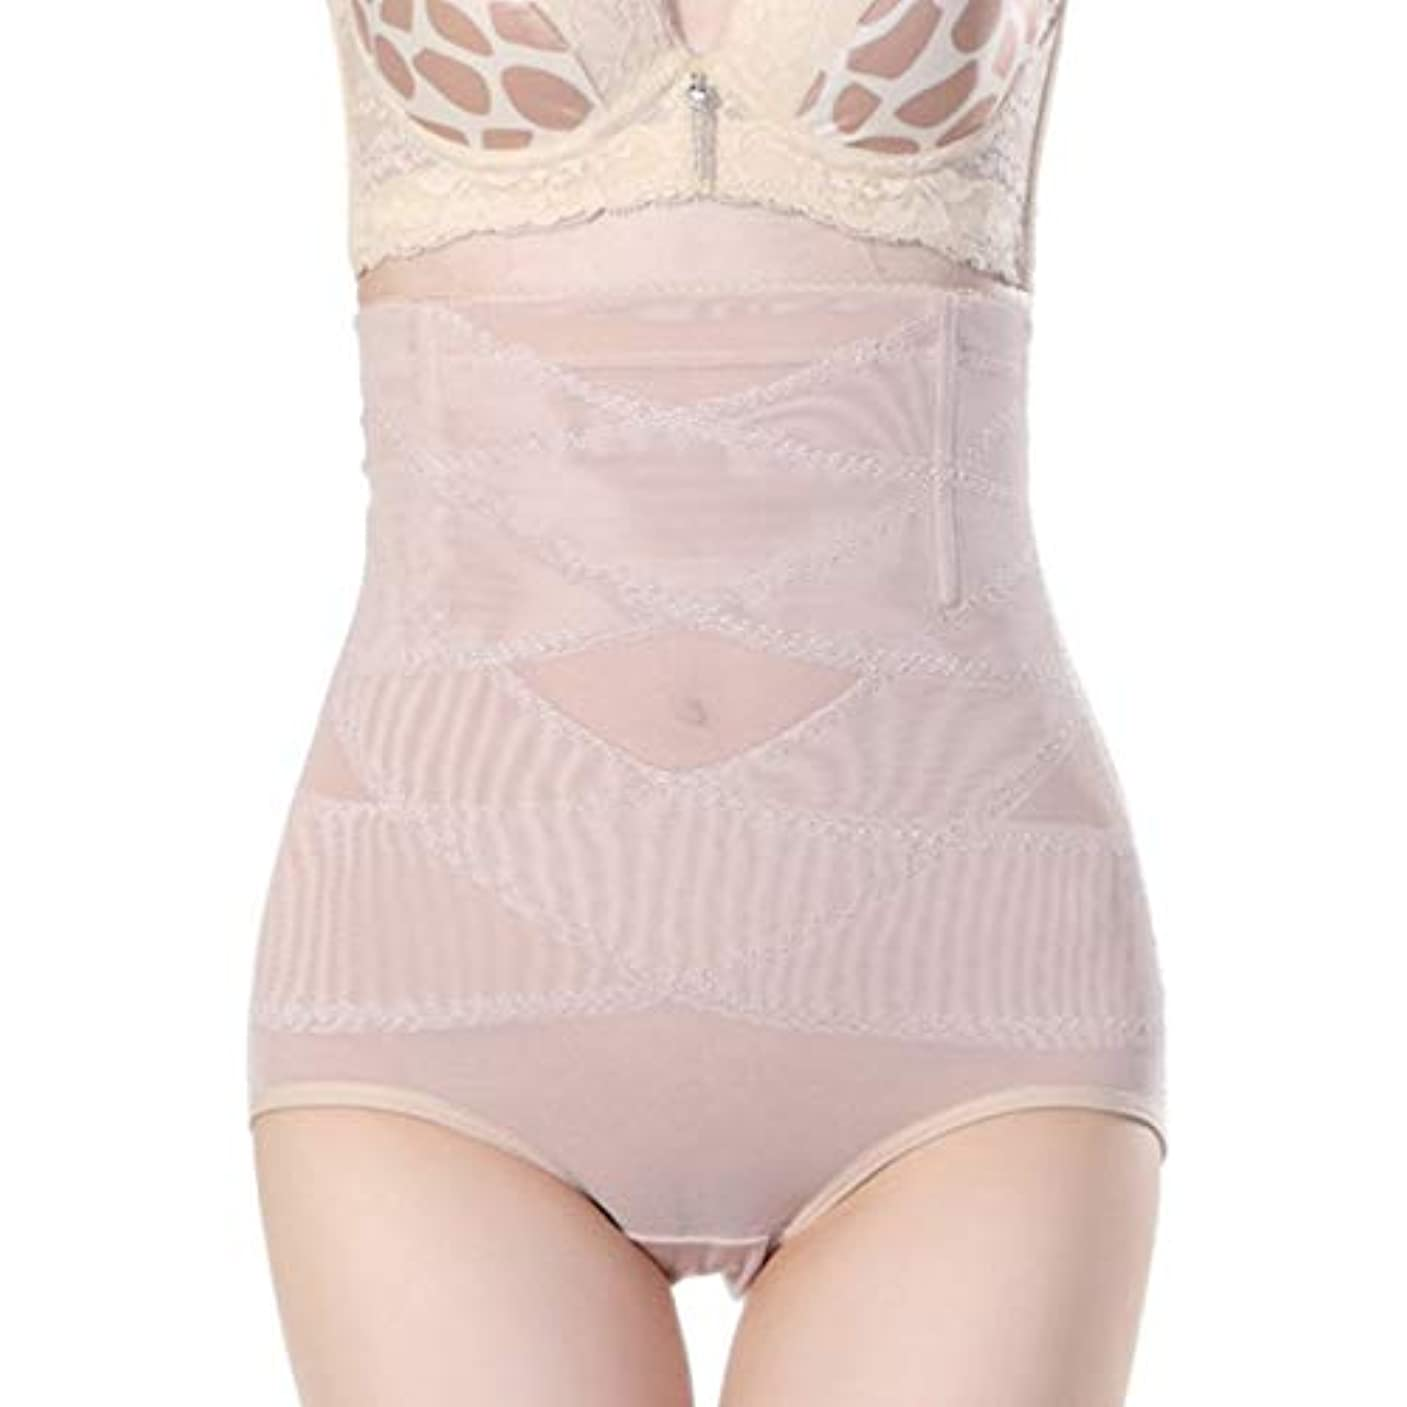 エレガント望ましいやろう腹部制御下着シームレスおなかコントロールパンティーバットリフターボディシェイパーを痩身通気性のハイウエストの女性 - 肌色2 XL